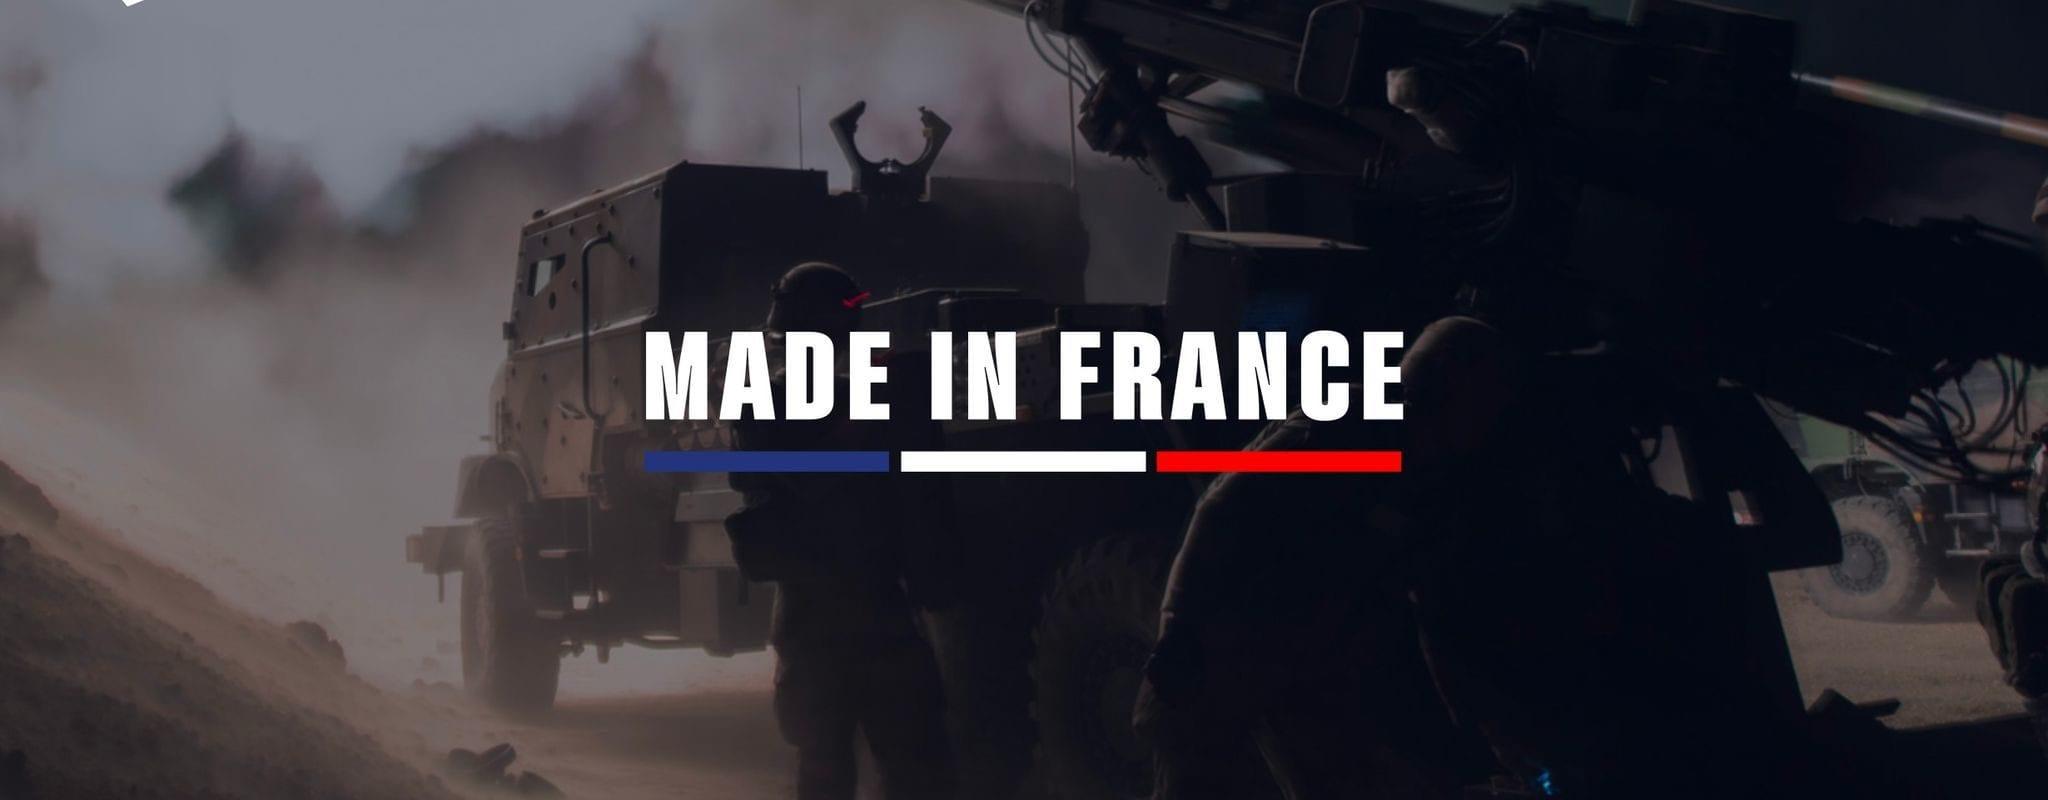 Des armes françaises employées au Yémen, contre des civils